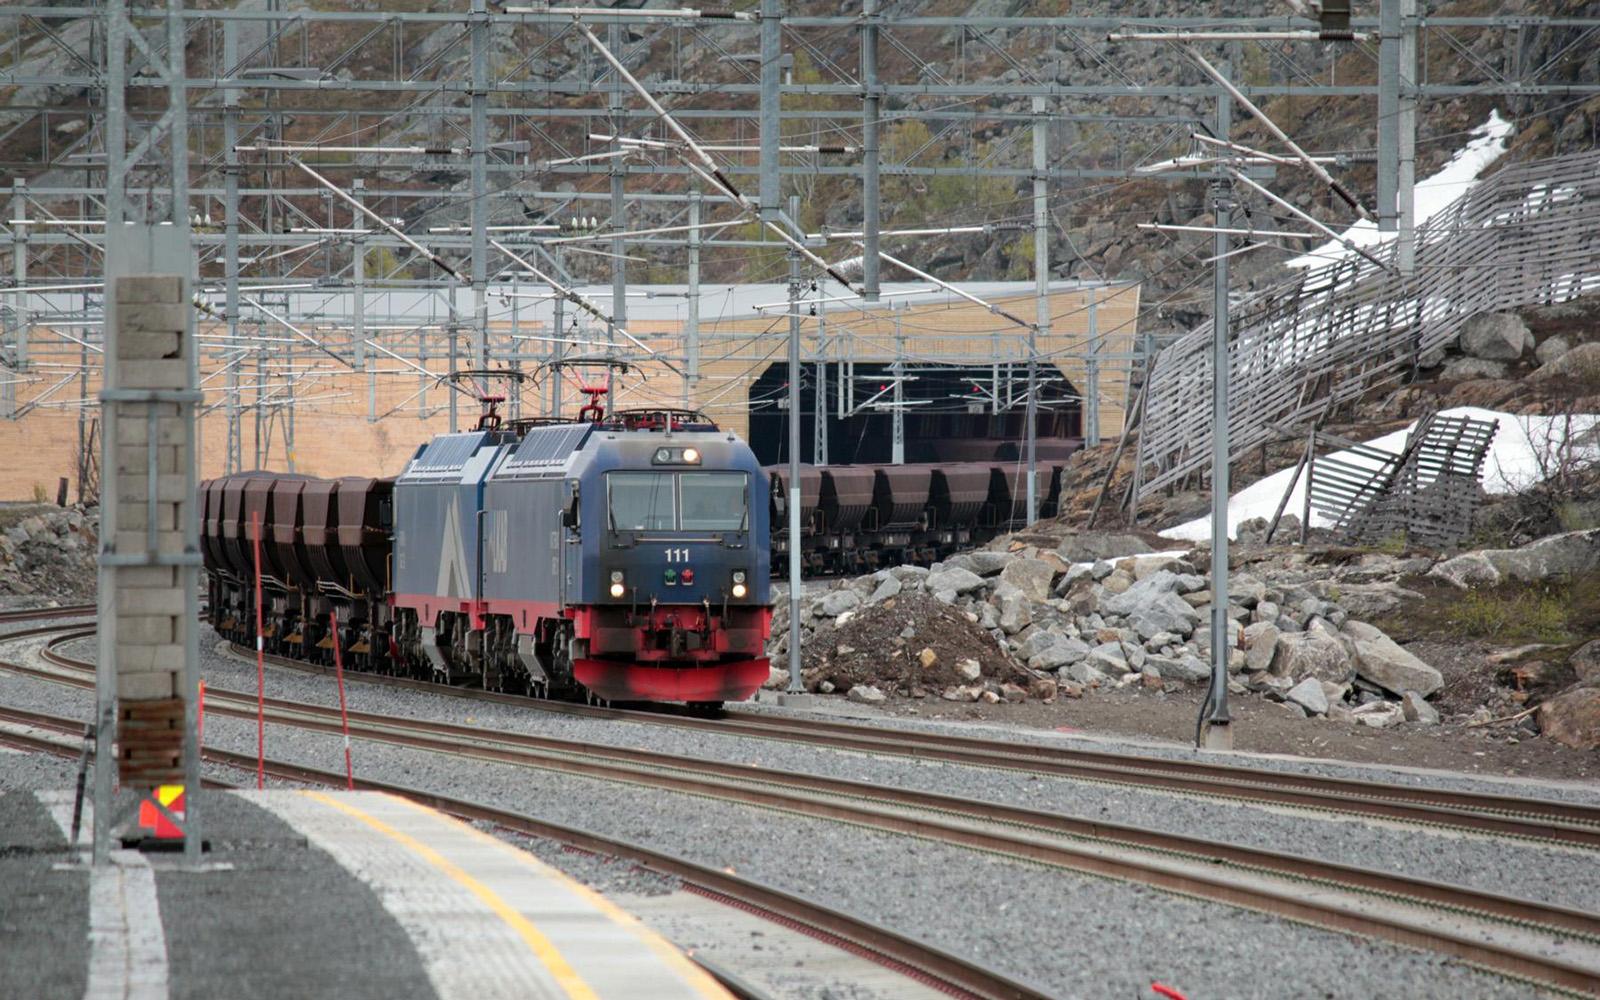 Foto: Railmen-Lokführer Christian Wodzinski hat sich iim vergangenen Jahr aufgemacht, die Eisenbahnwelt Schwedens zu erkunden. Den Endpunkt seiner Reise bildetet Kiruna, die bekannte Erzstadt im hohen Norden. Hier ein Erzzug.